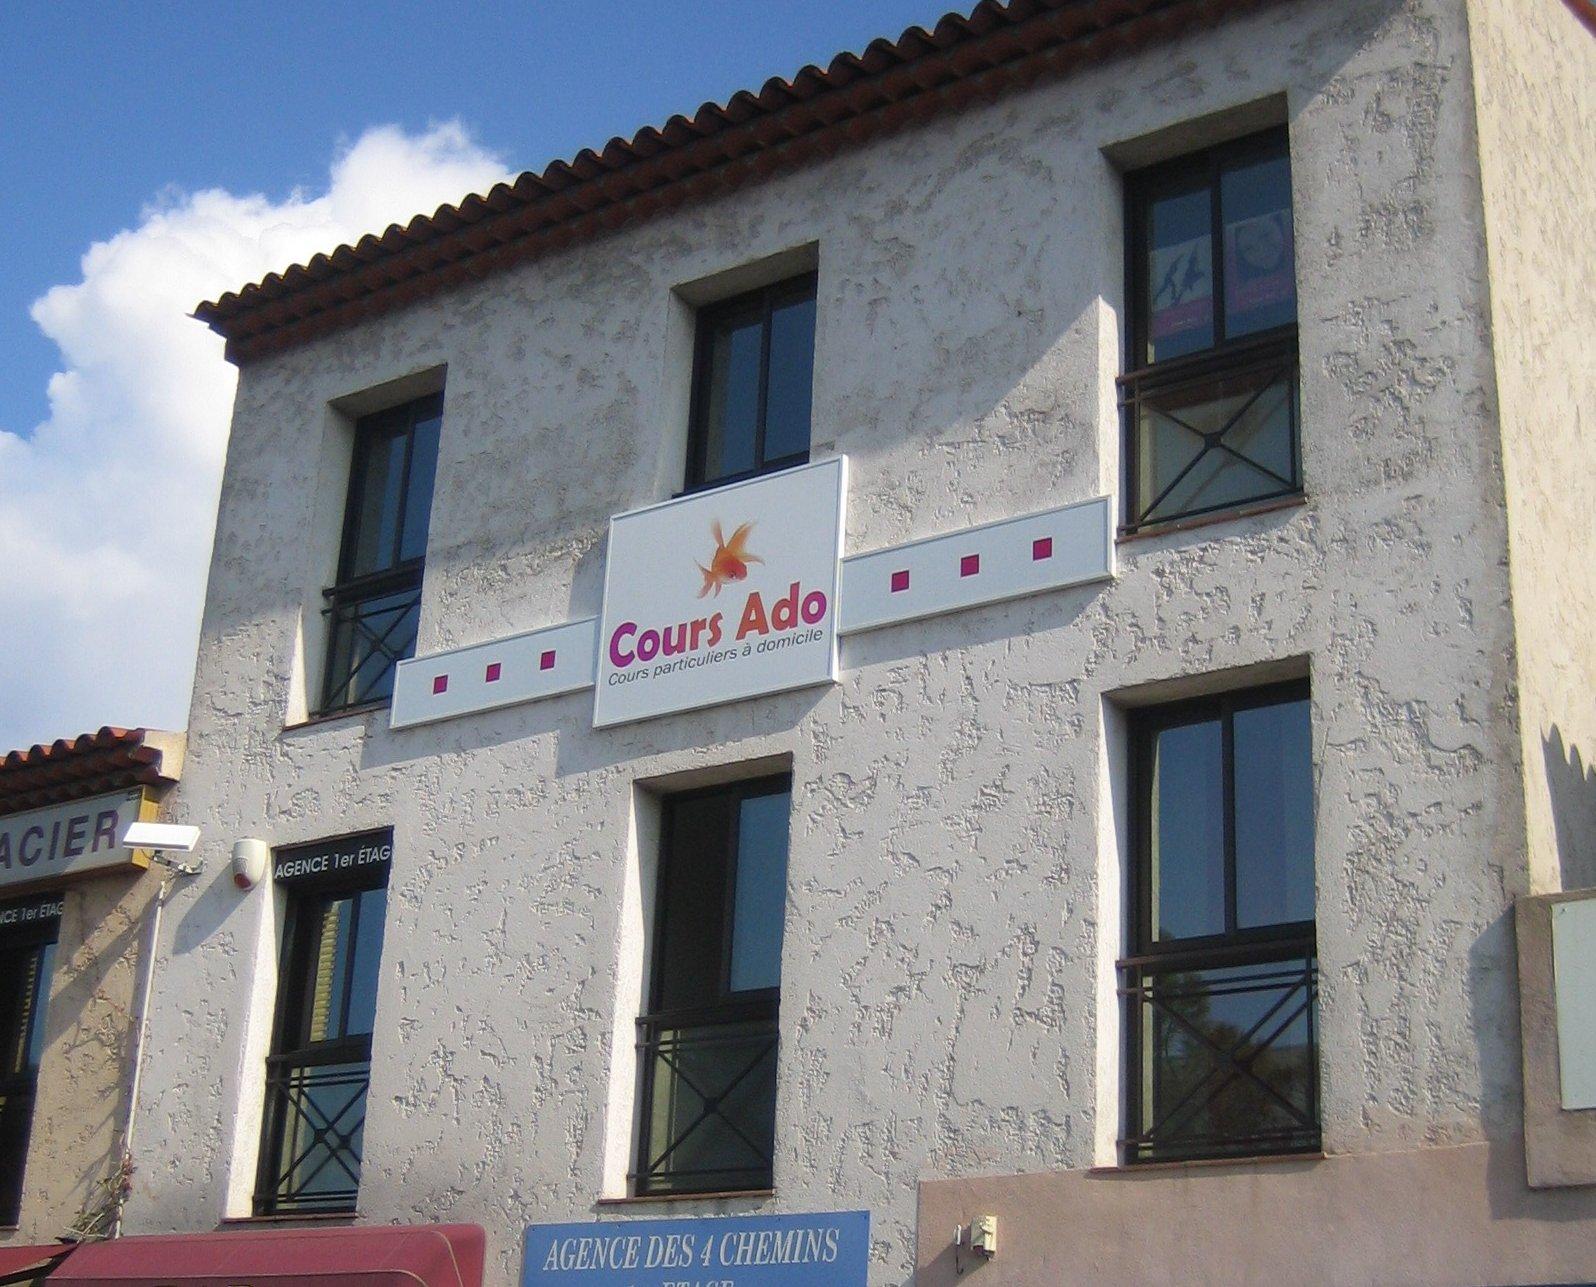 Agence de soutien scolaire Cours Ado Grasse